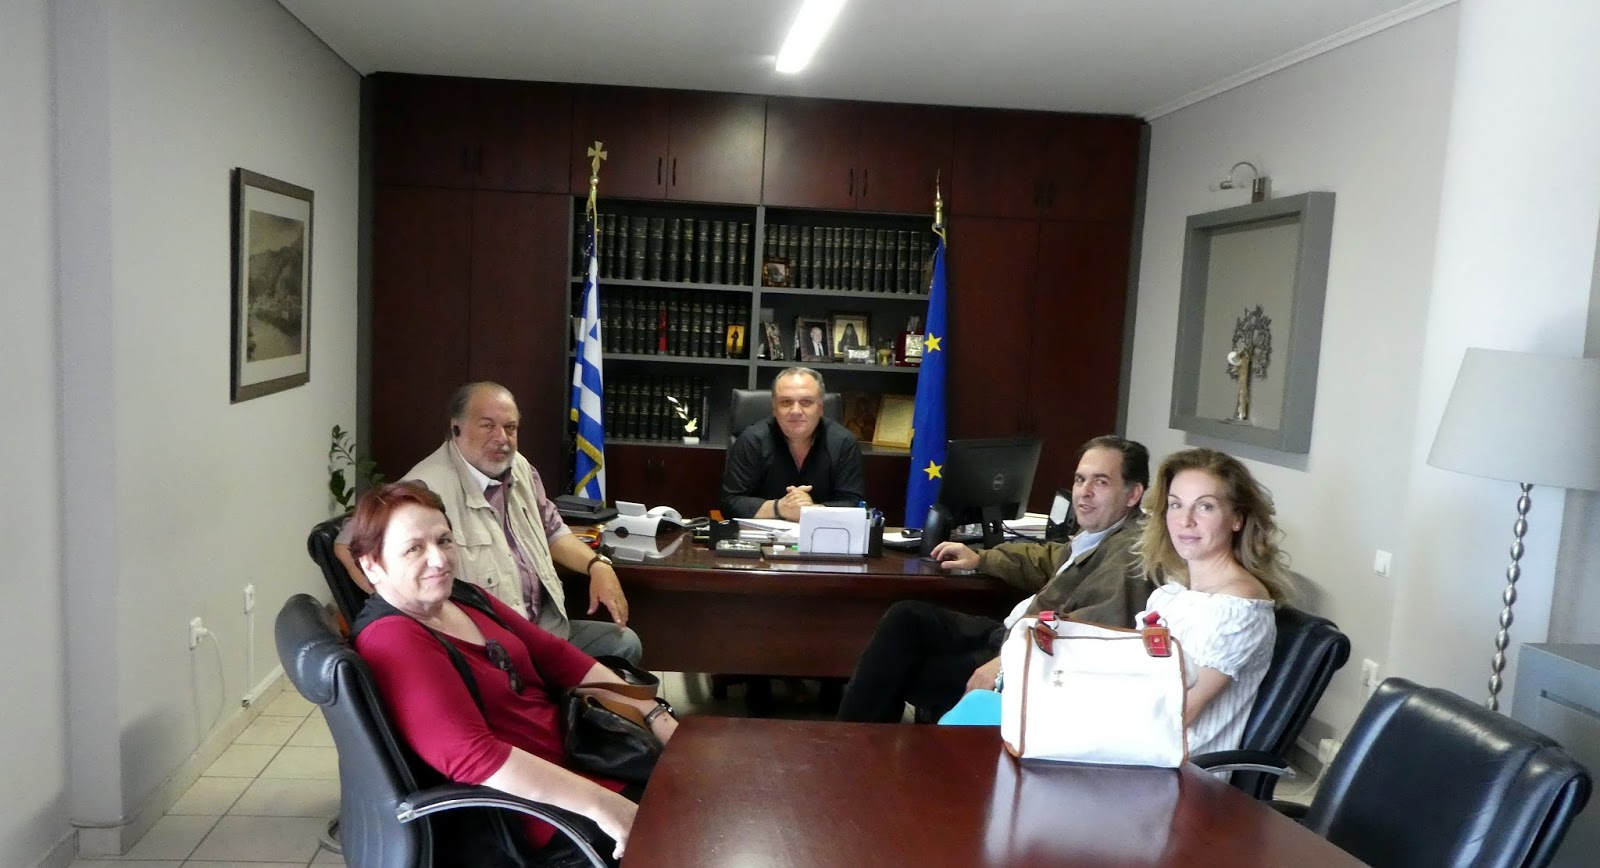 Με τον Δήμαρχο Ωρωπού κ. Θωμά Ρούσση συναντήθηκαν εχθές 28 Απριλίου 2018 8dfddfbe67e